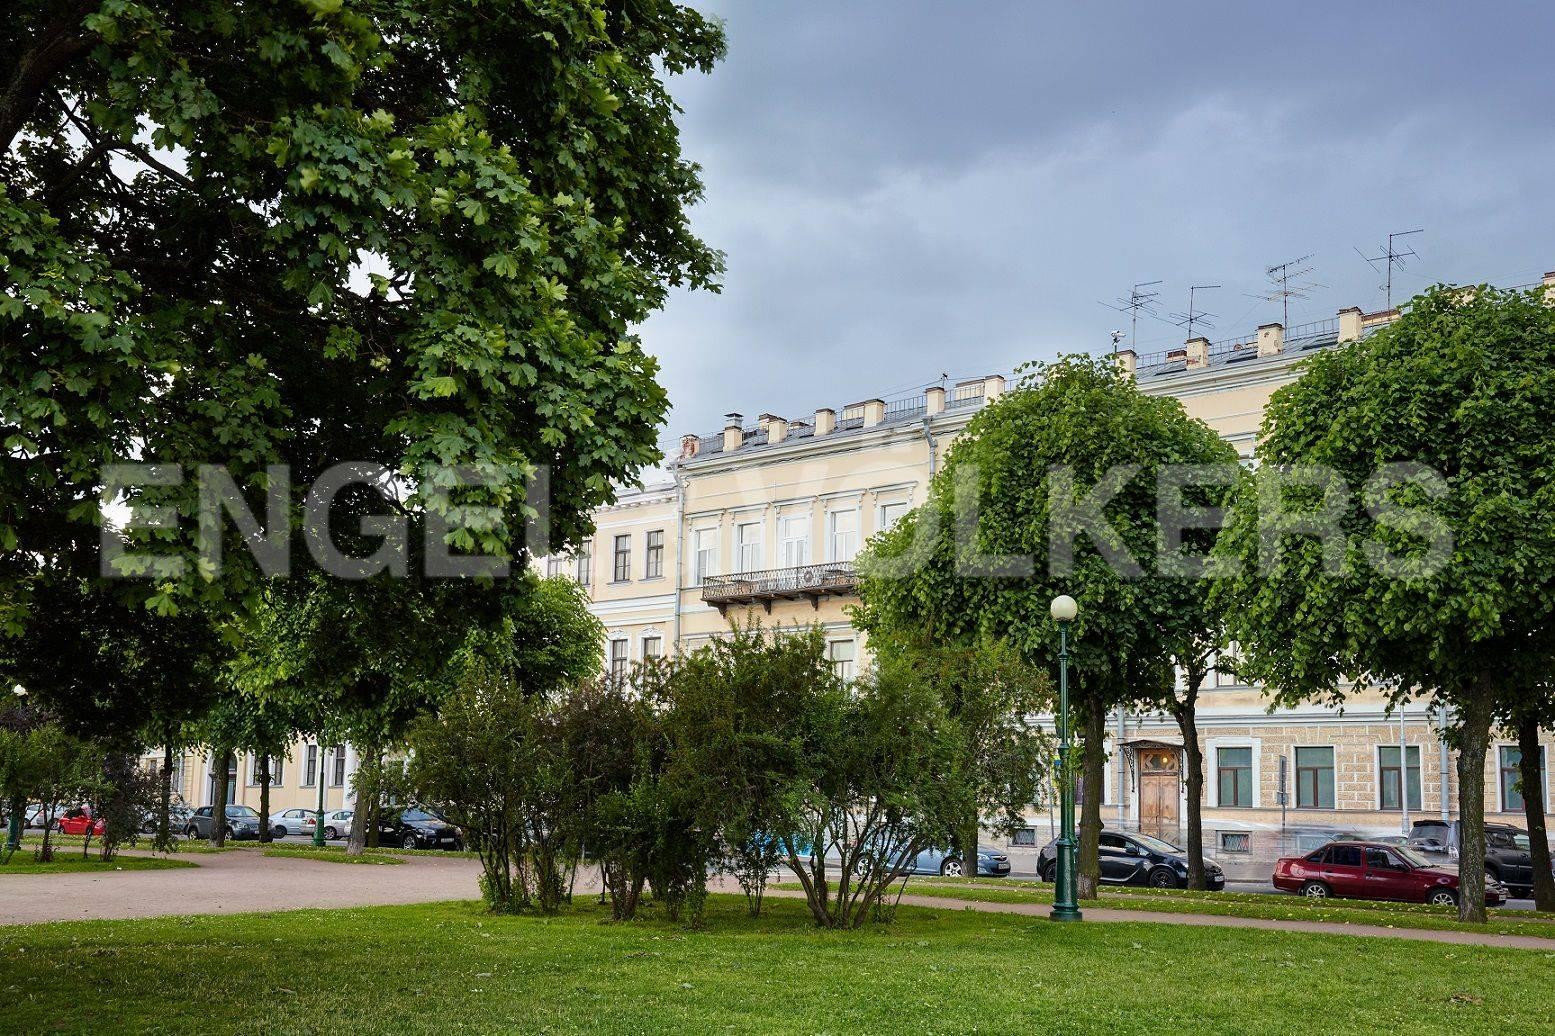 Элитные квартиры в Центральный р-н. Санкт-Петербург, Марсово поле, 3. Видовой балкон на фасаде дома